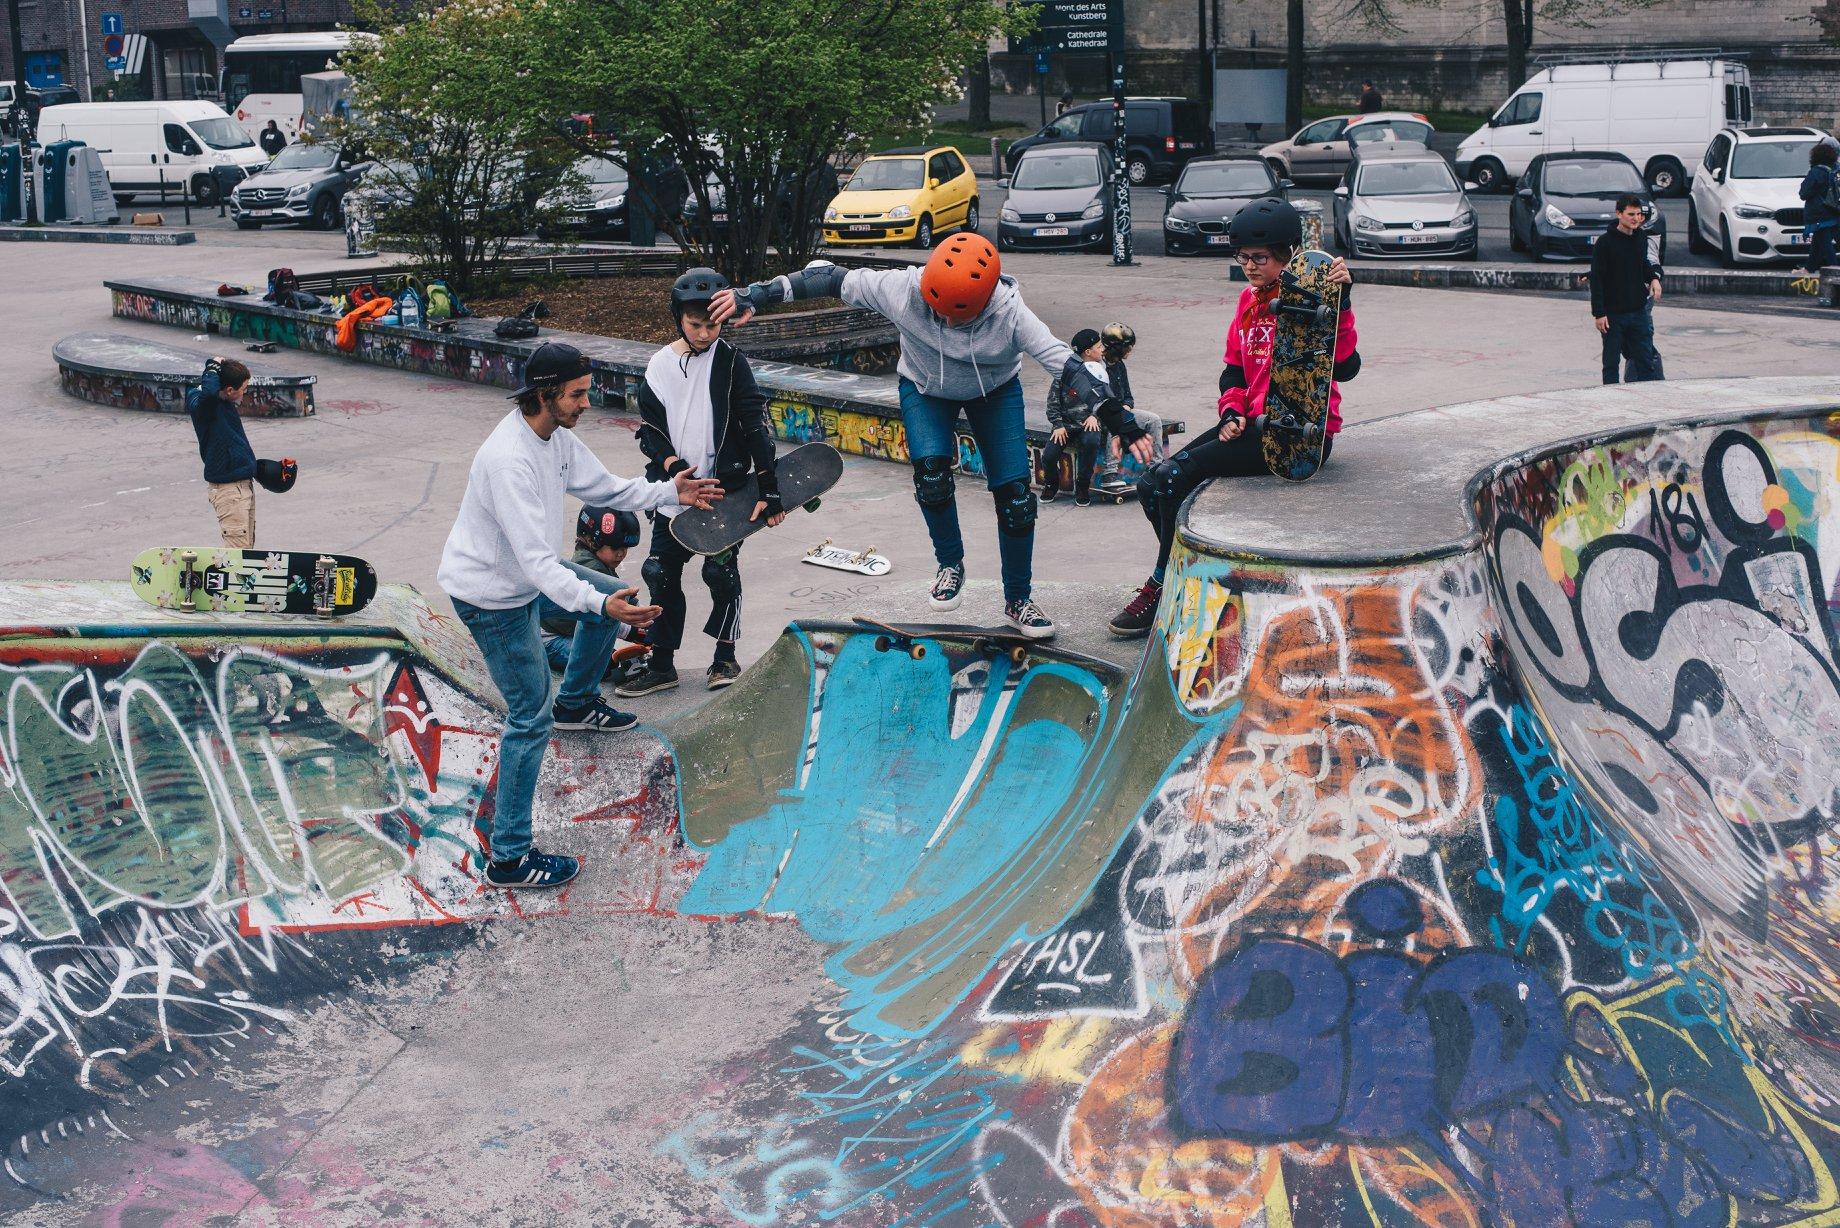 Juliette stage skateboard Skatoria